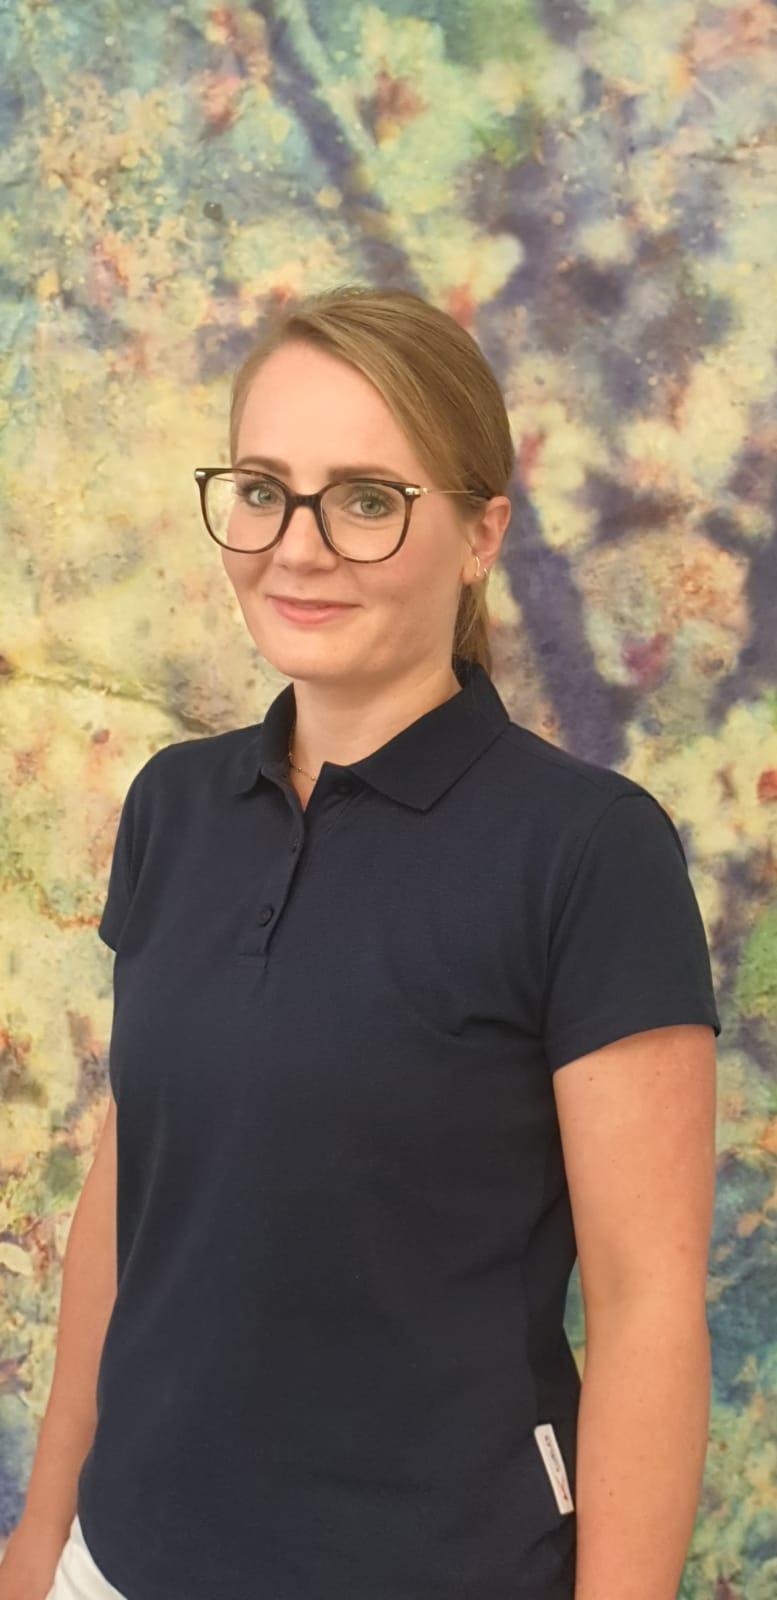 Helena van den Brand